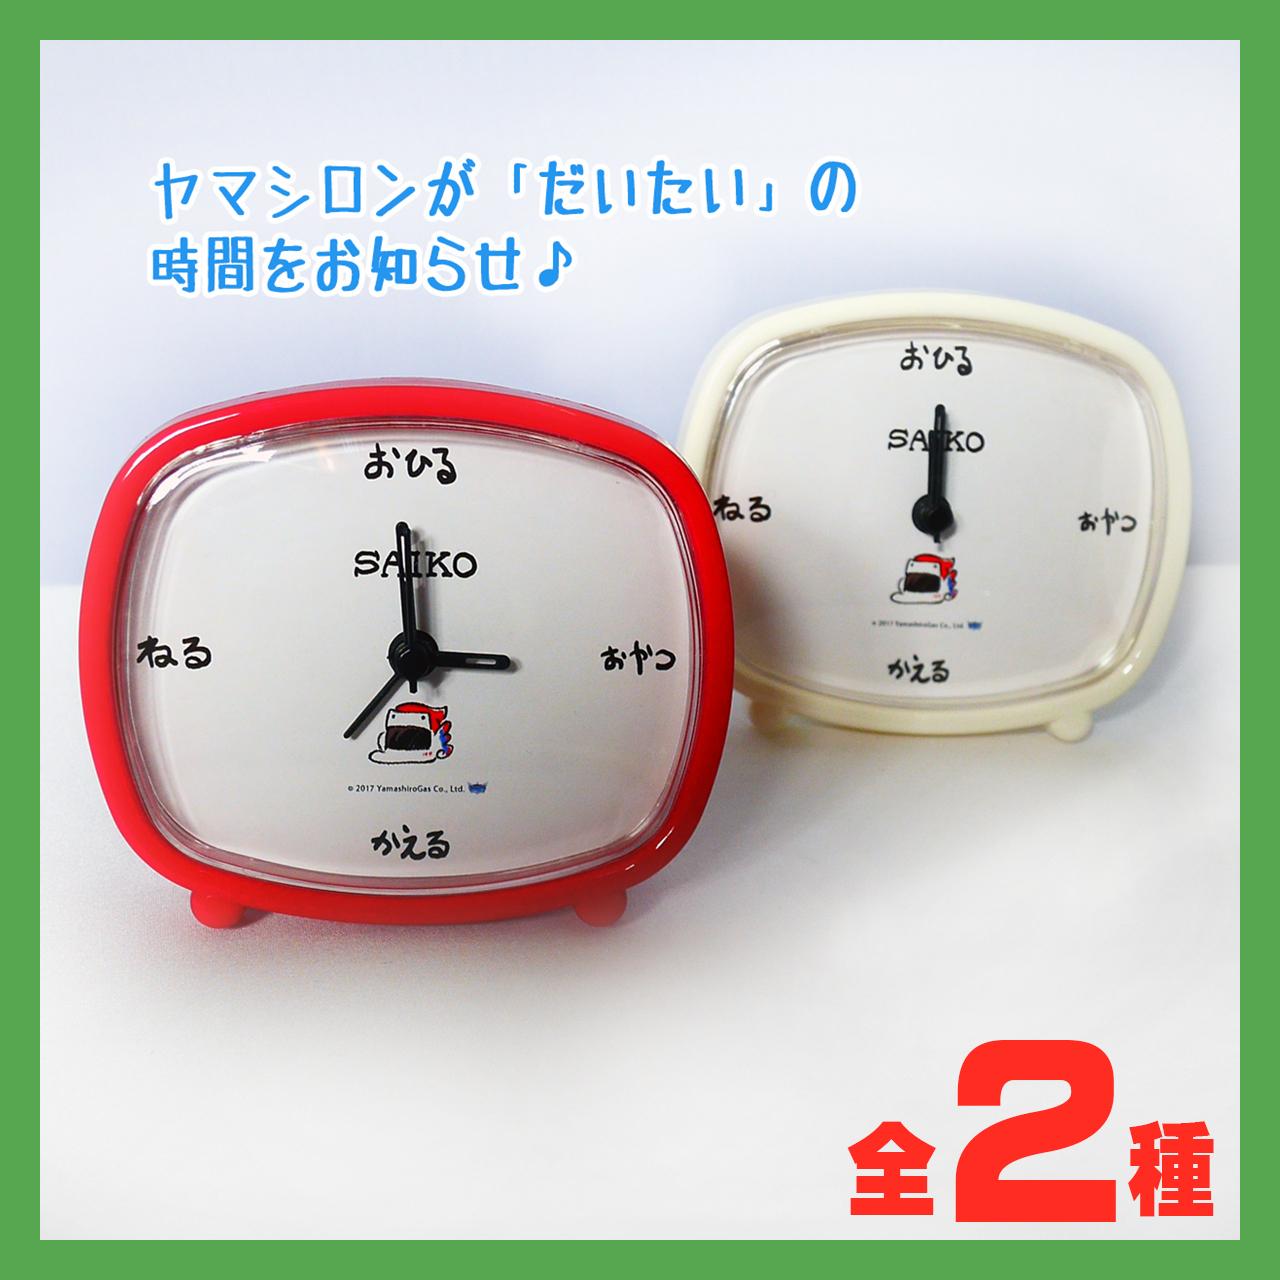 ヤマシロンの大体時計